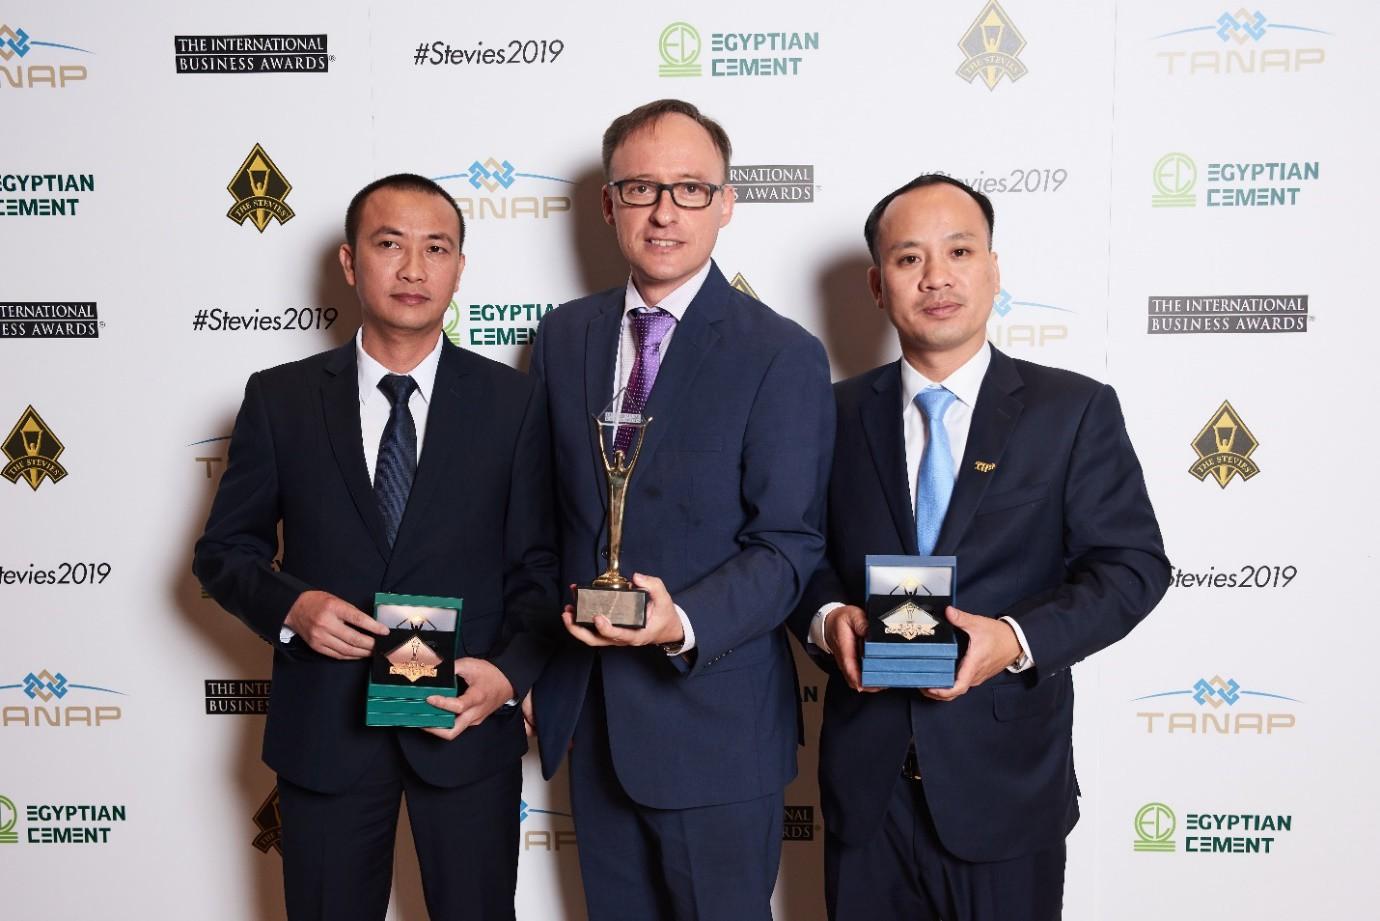 Sữa chua Dừa của Việt Nam có gì đặc biệt mà đoạt cúp Vàng thế giới cho sản phẩm xuất sắc 2019? - Ảnh 1.